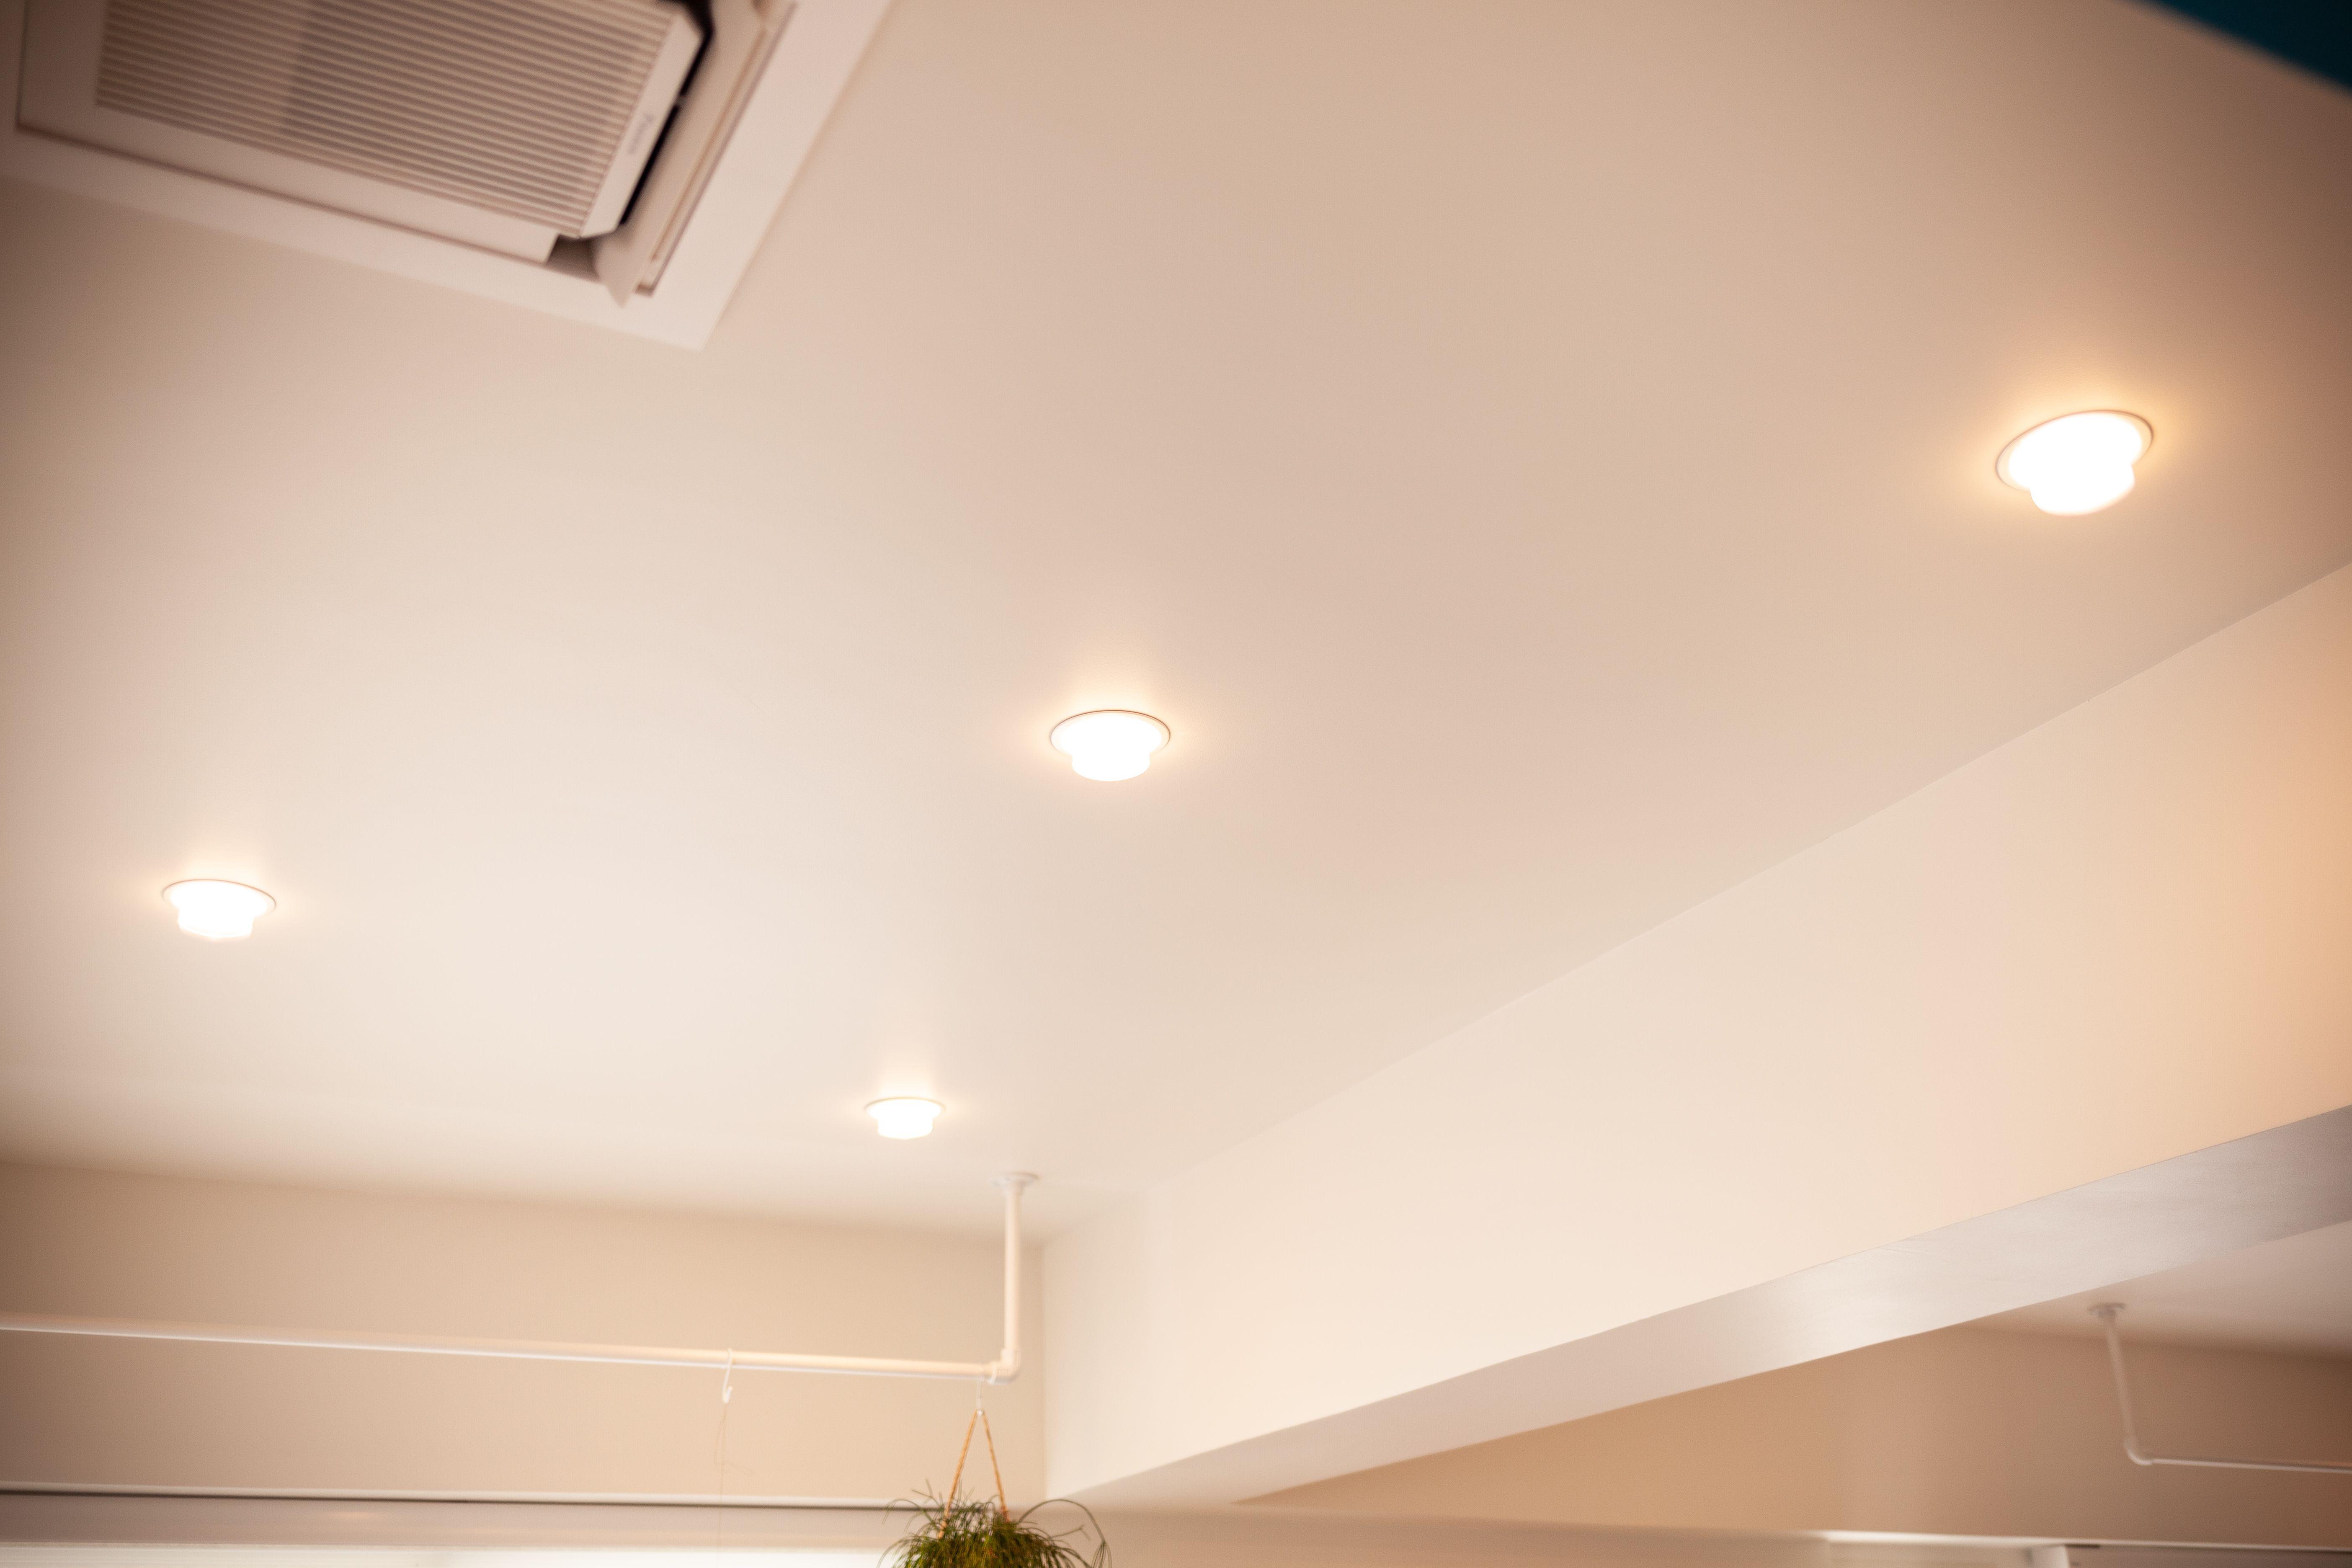 天井の埋め込み式のライトは 古いホールやホテルのホワイエなどで使